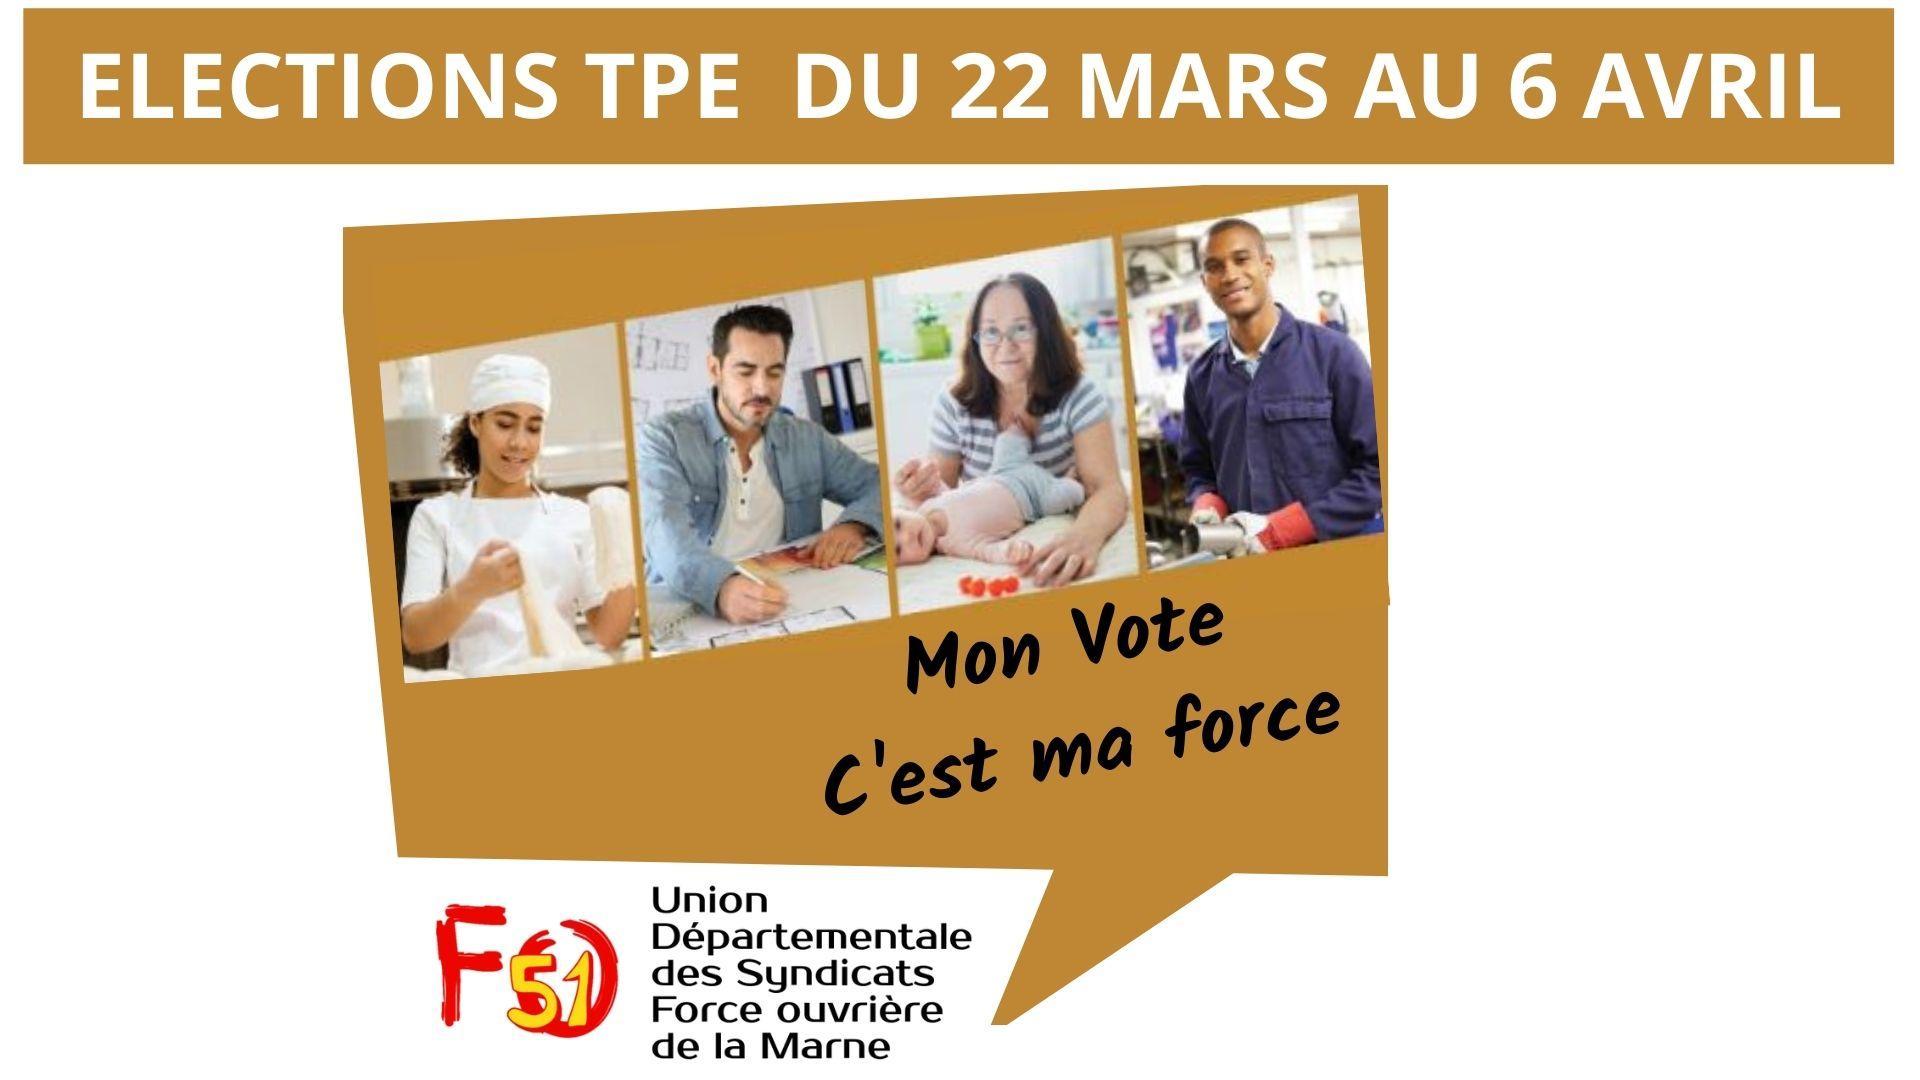 Elections tpe du 22 mars au 6 avril